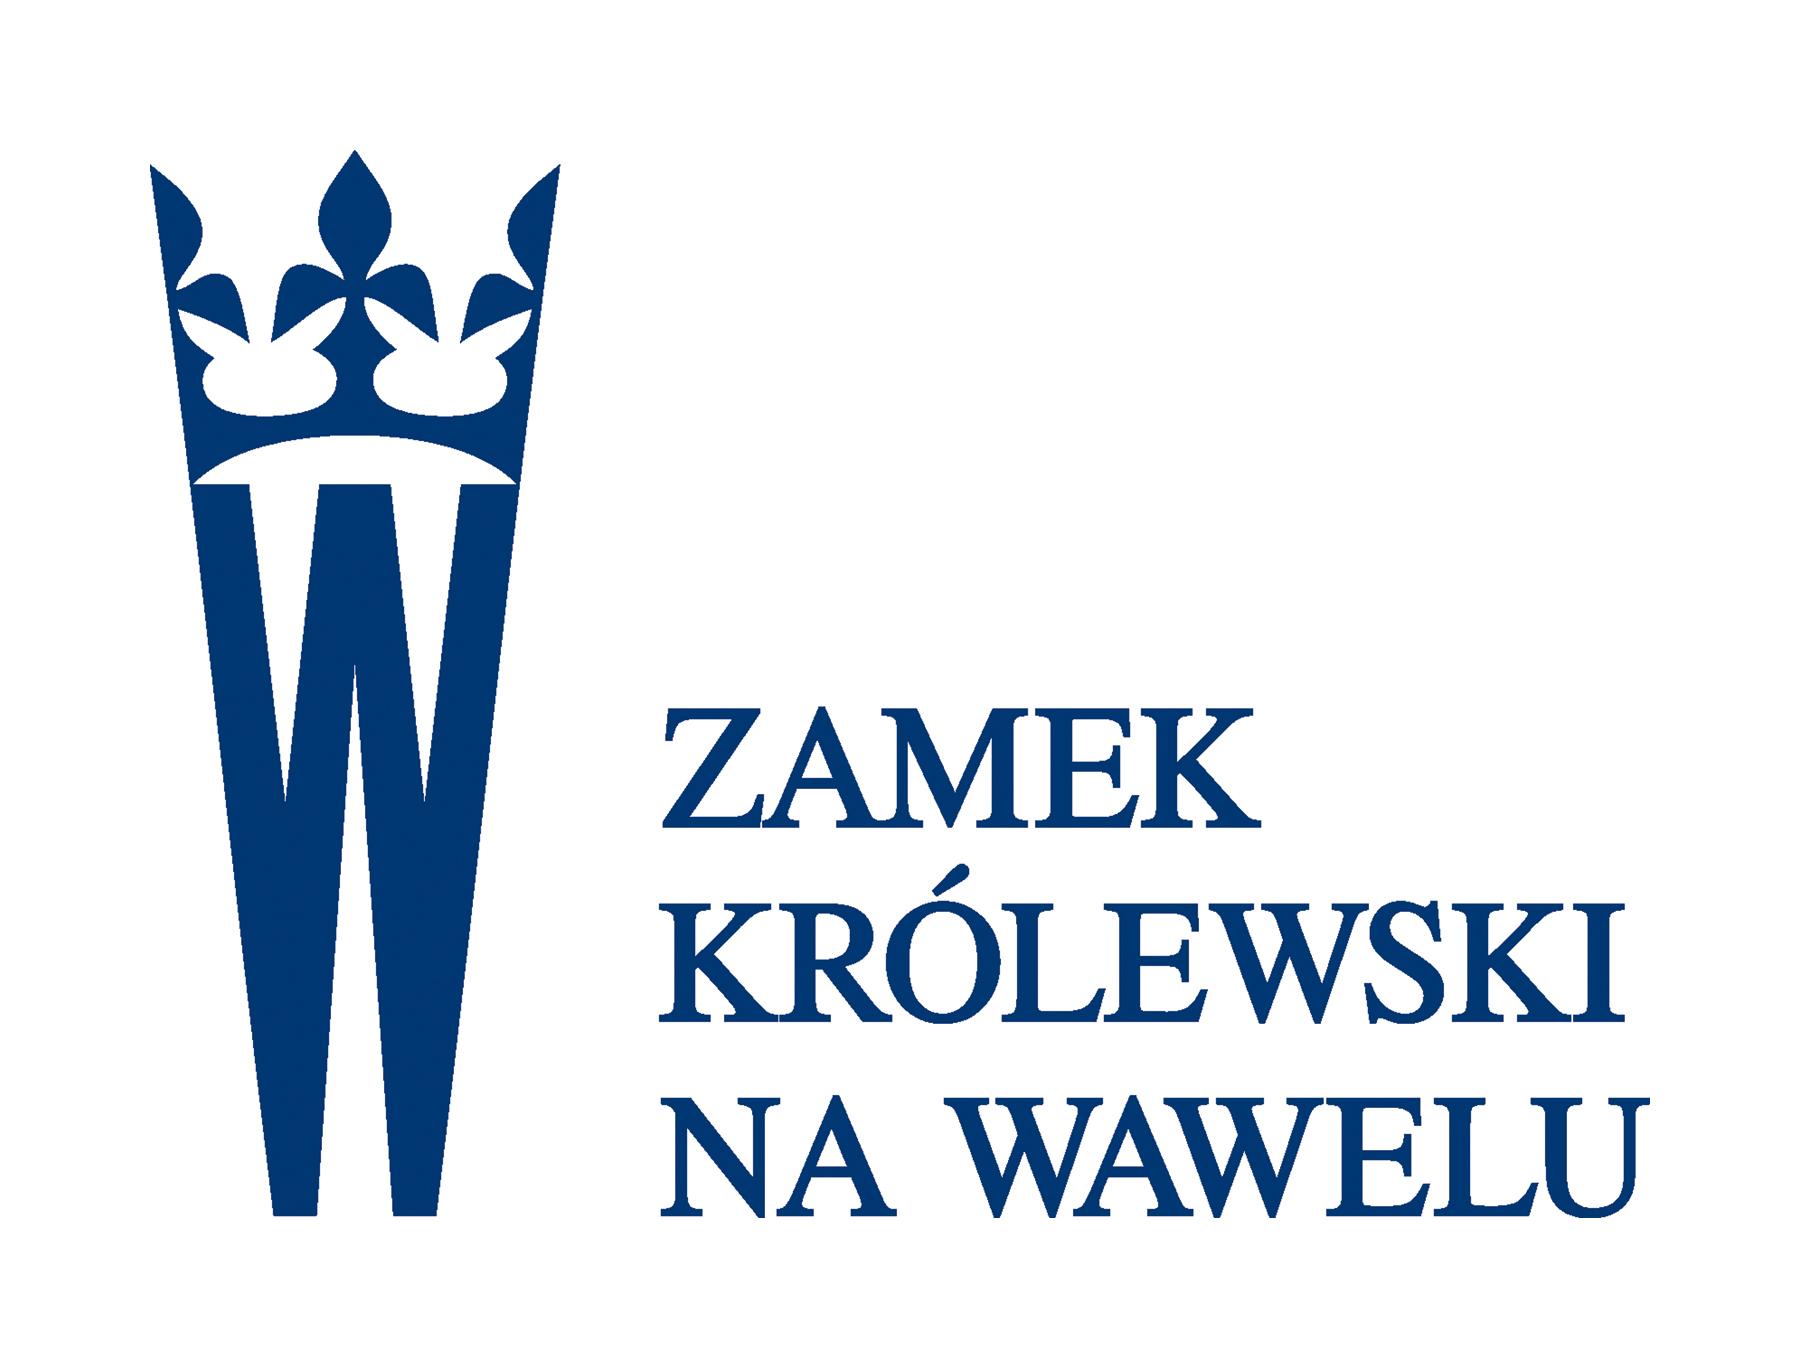 Zamek Królewski na Wawelu logo